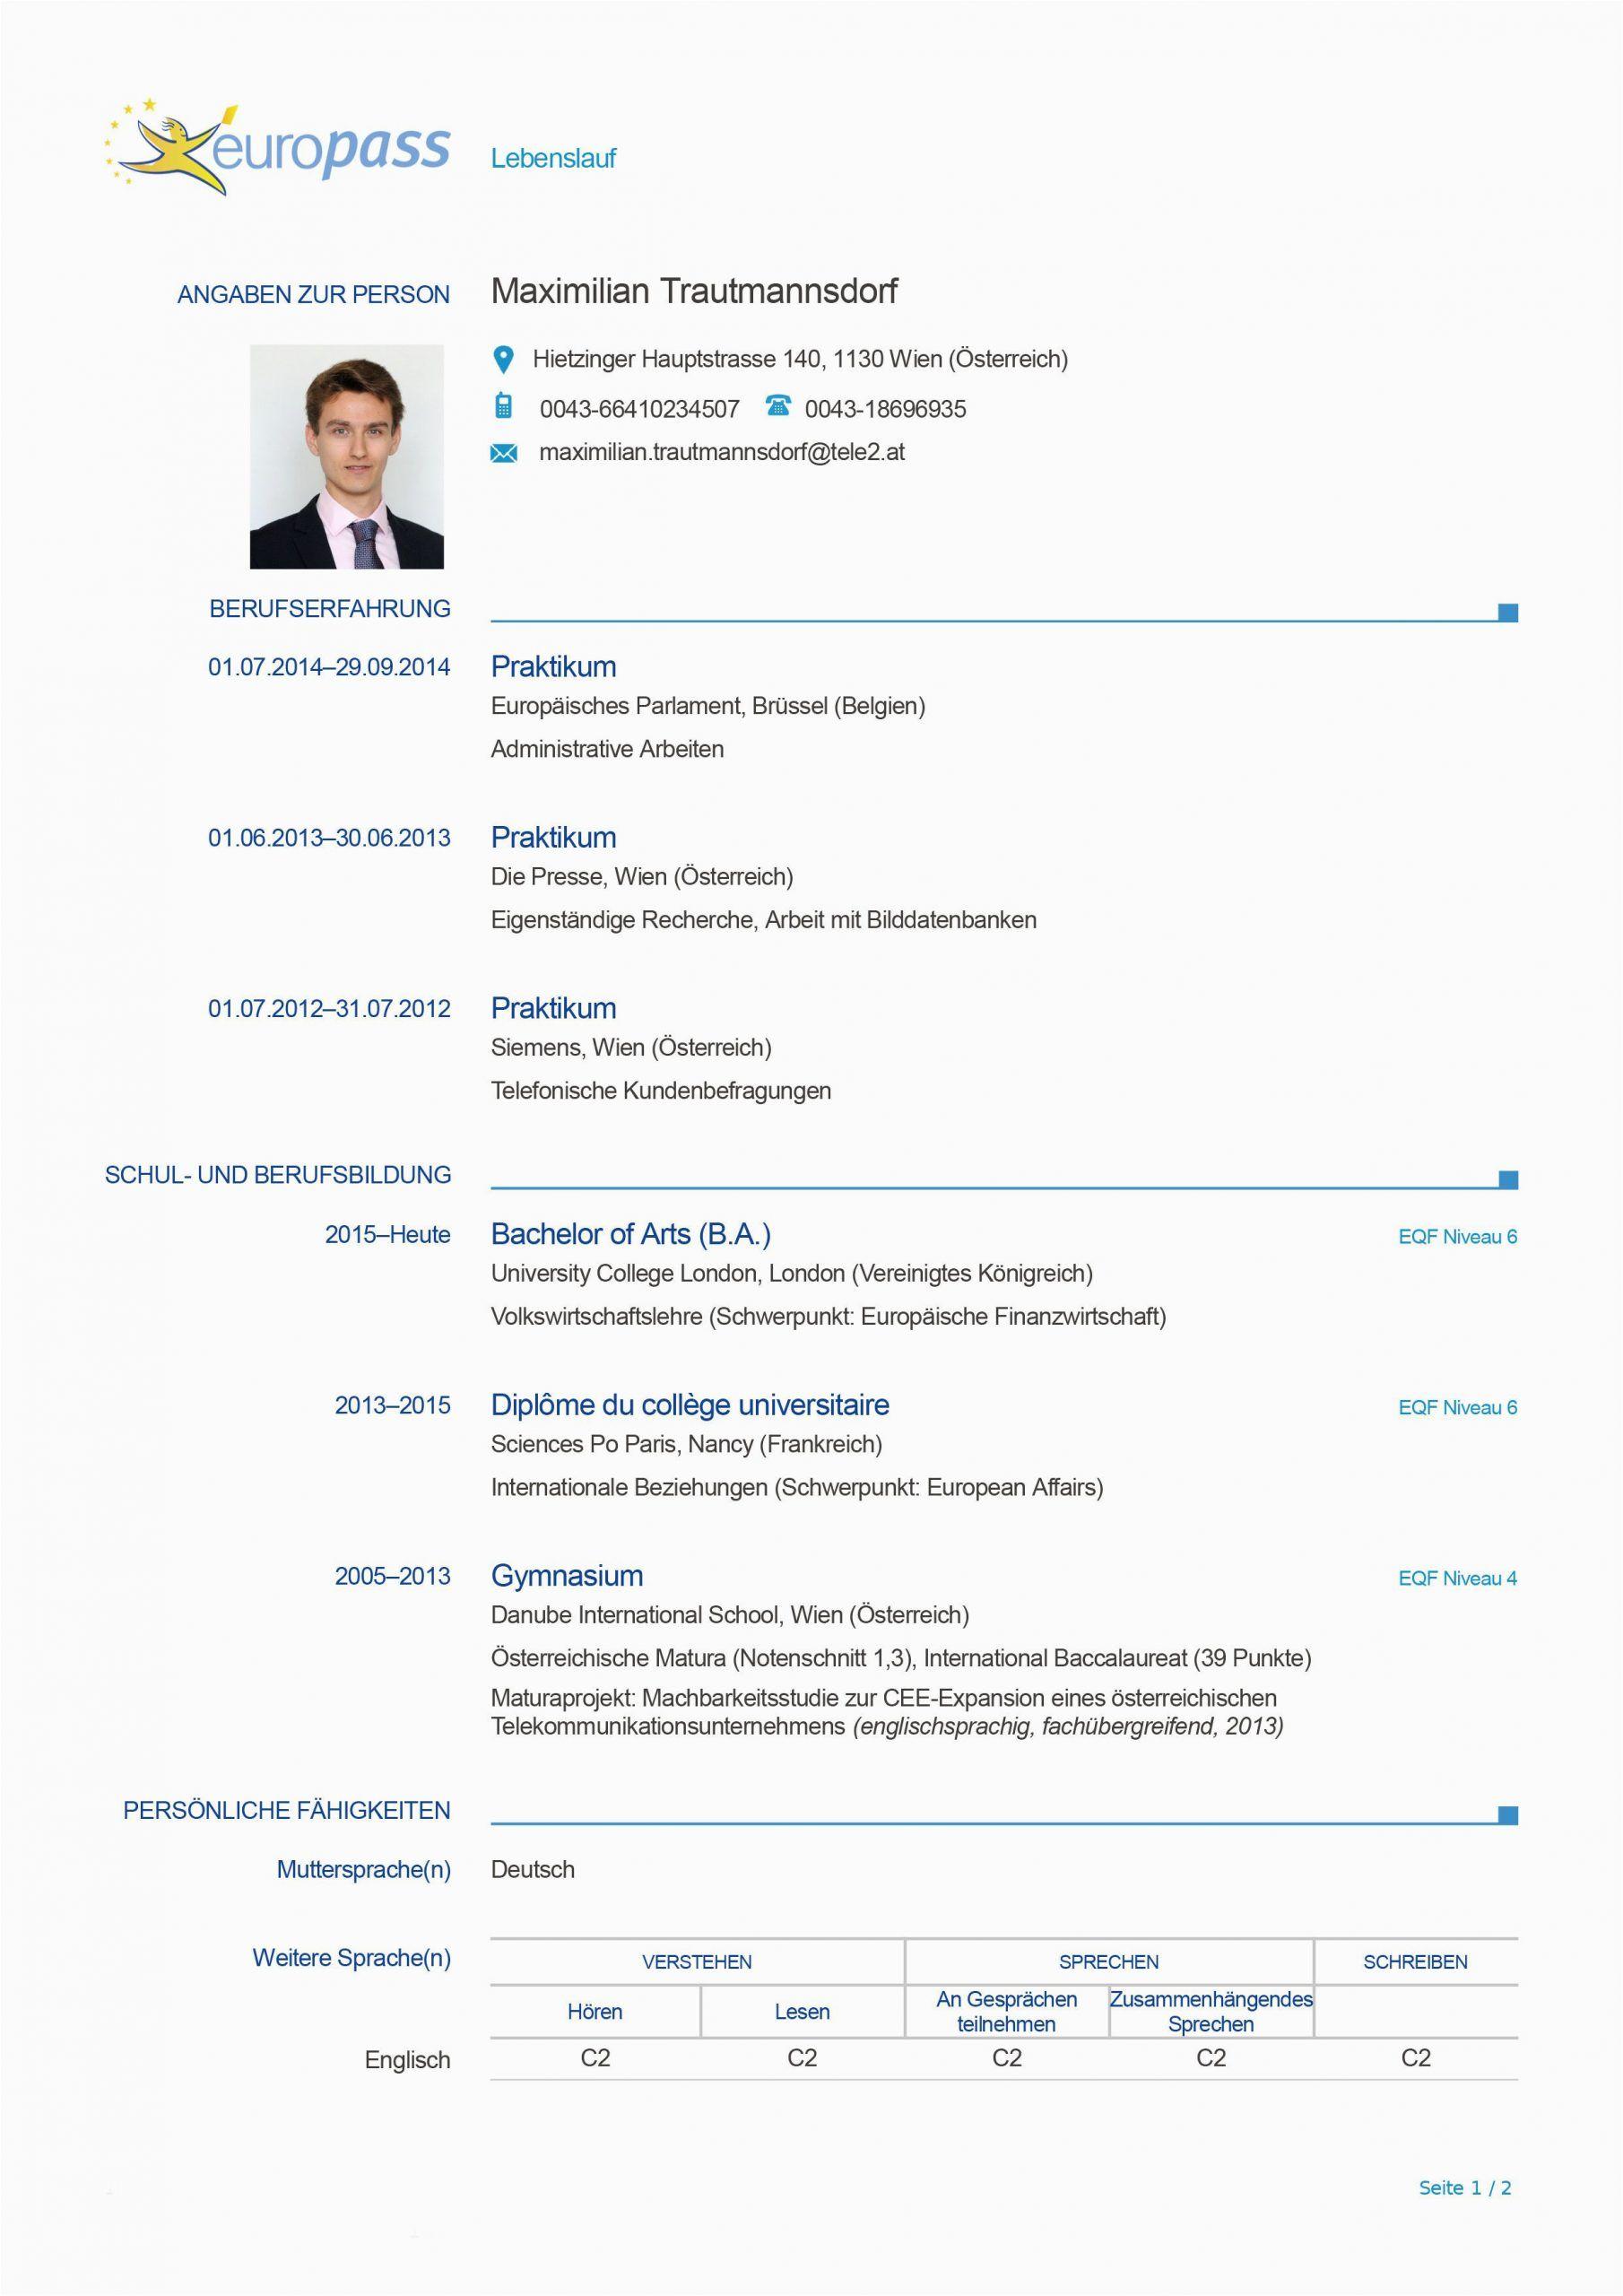 Europass Lebenslauf Online Erstellen Deutsch In 2020 Lebenslauf Perfekter Lebenslauf Vorlagen Lebenslauf